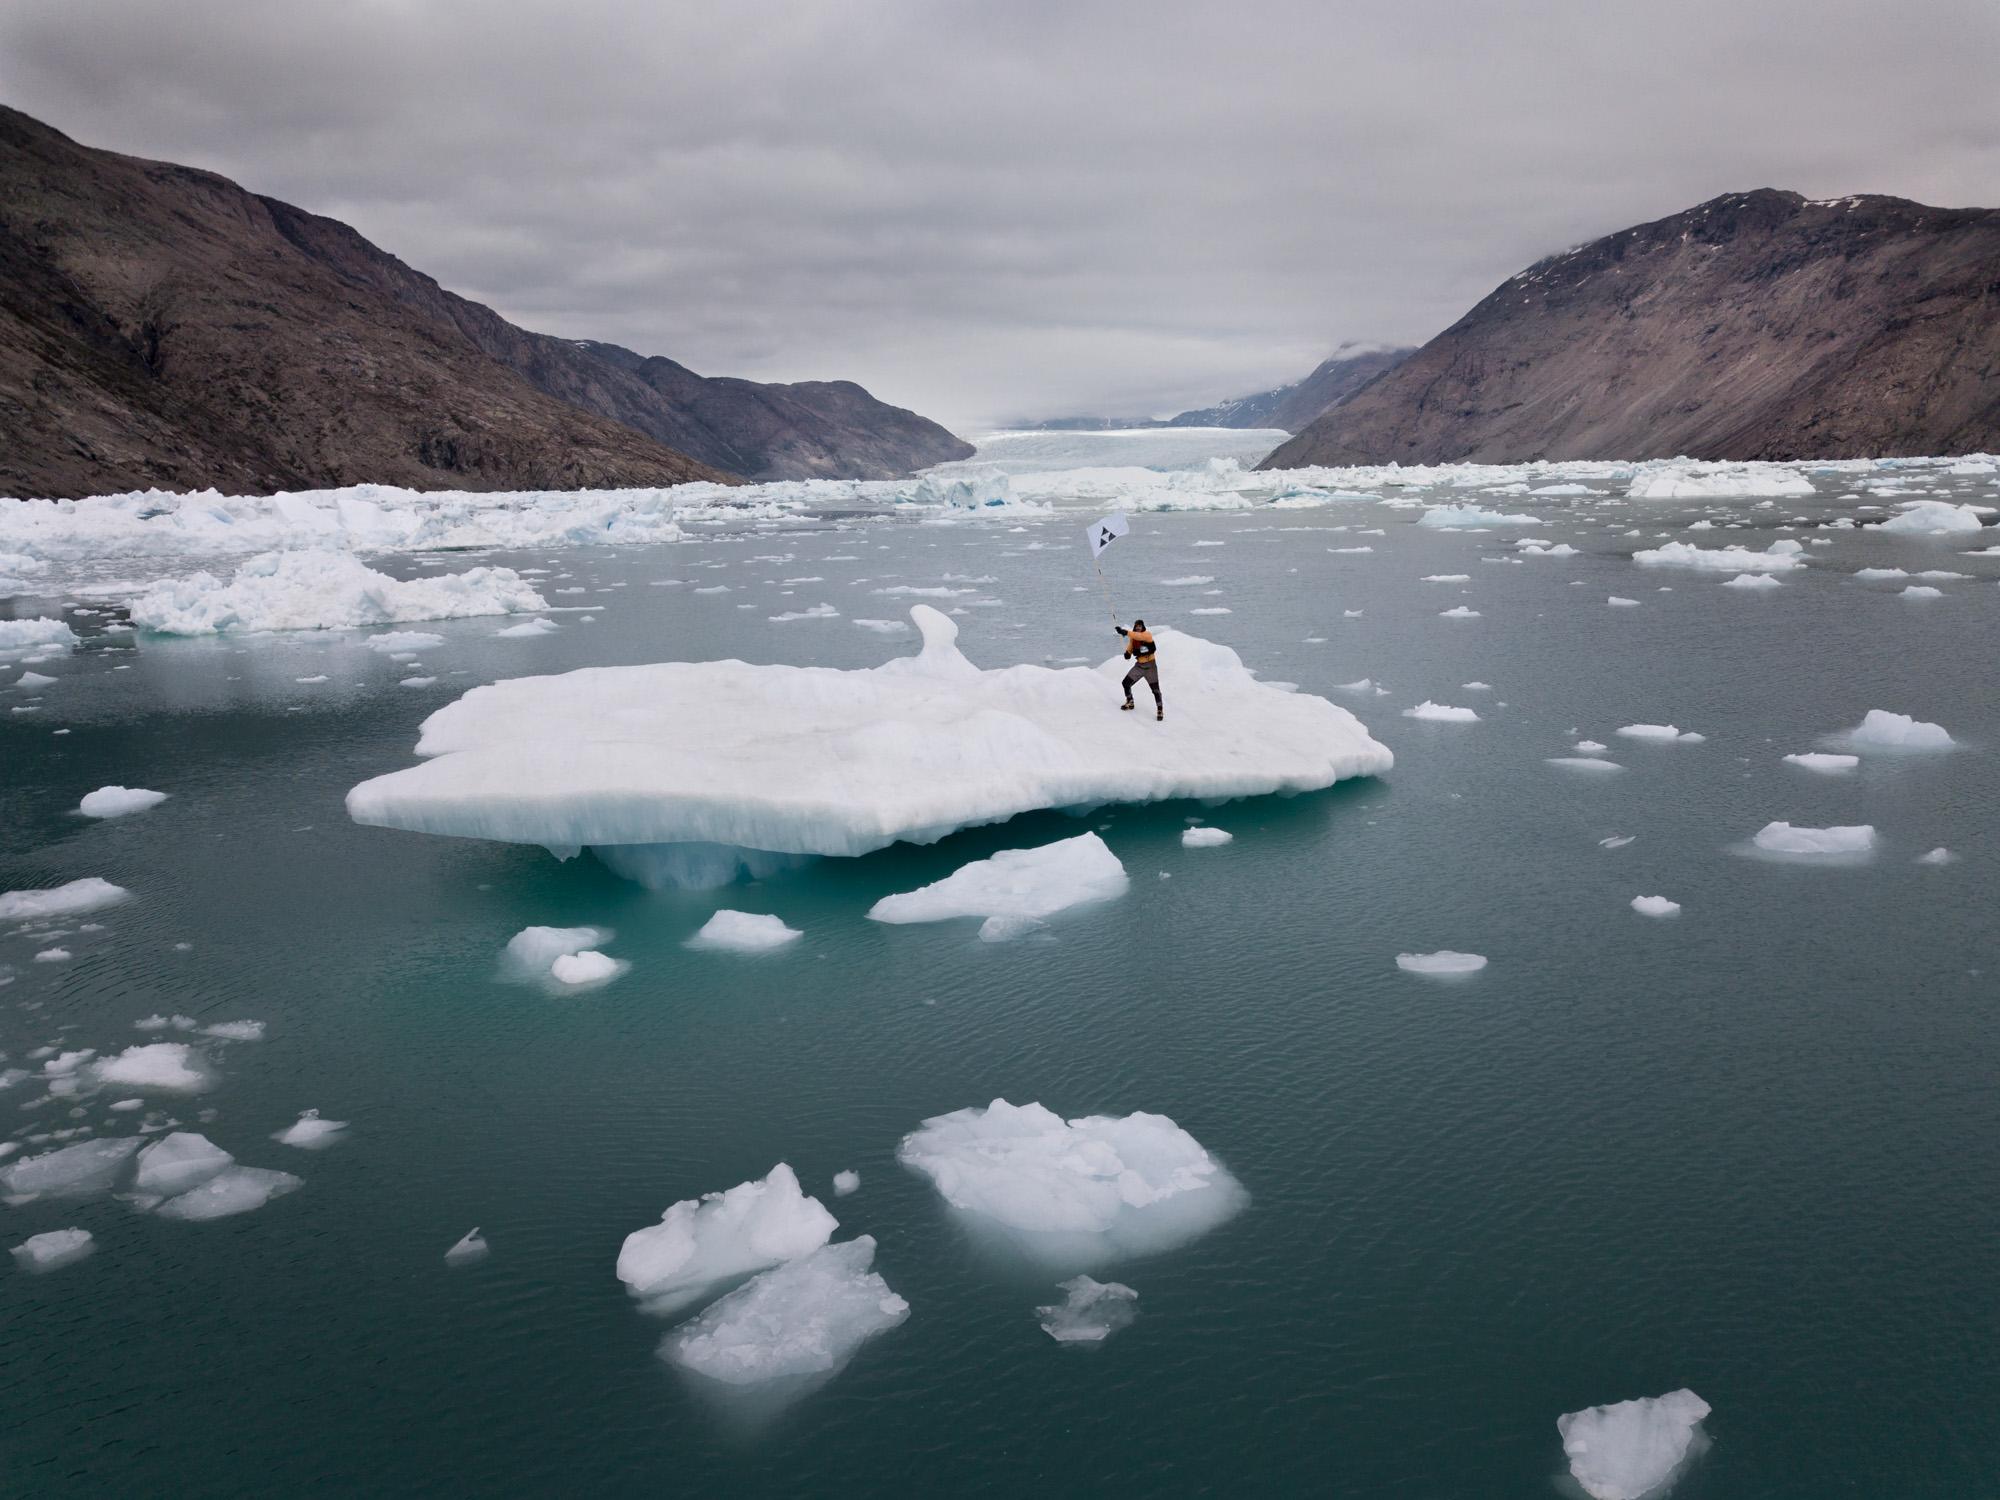 ICEBERG NATION 3 Acción en el paisaje / Proyecto Iceberg Nations